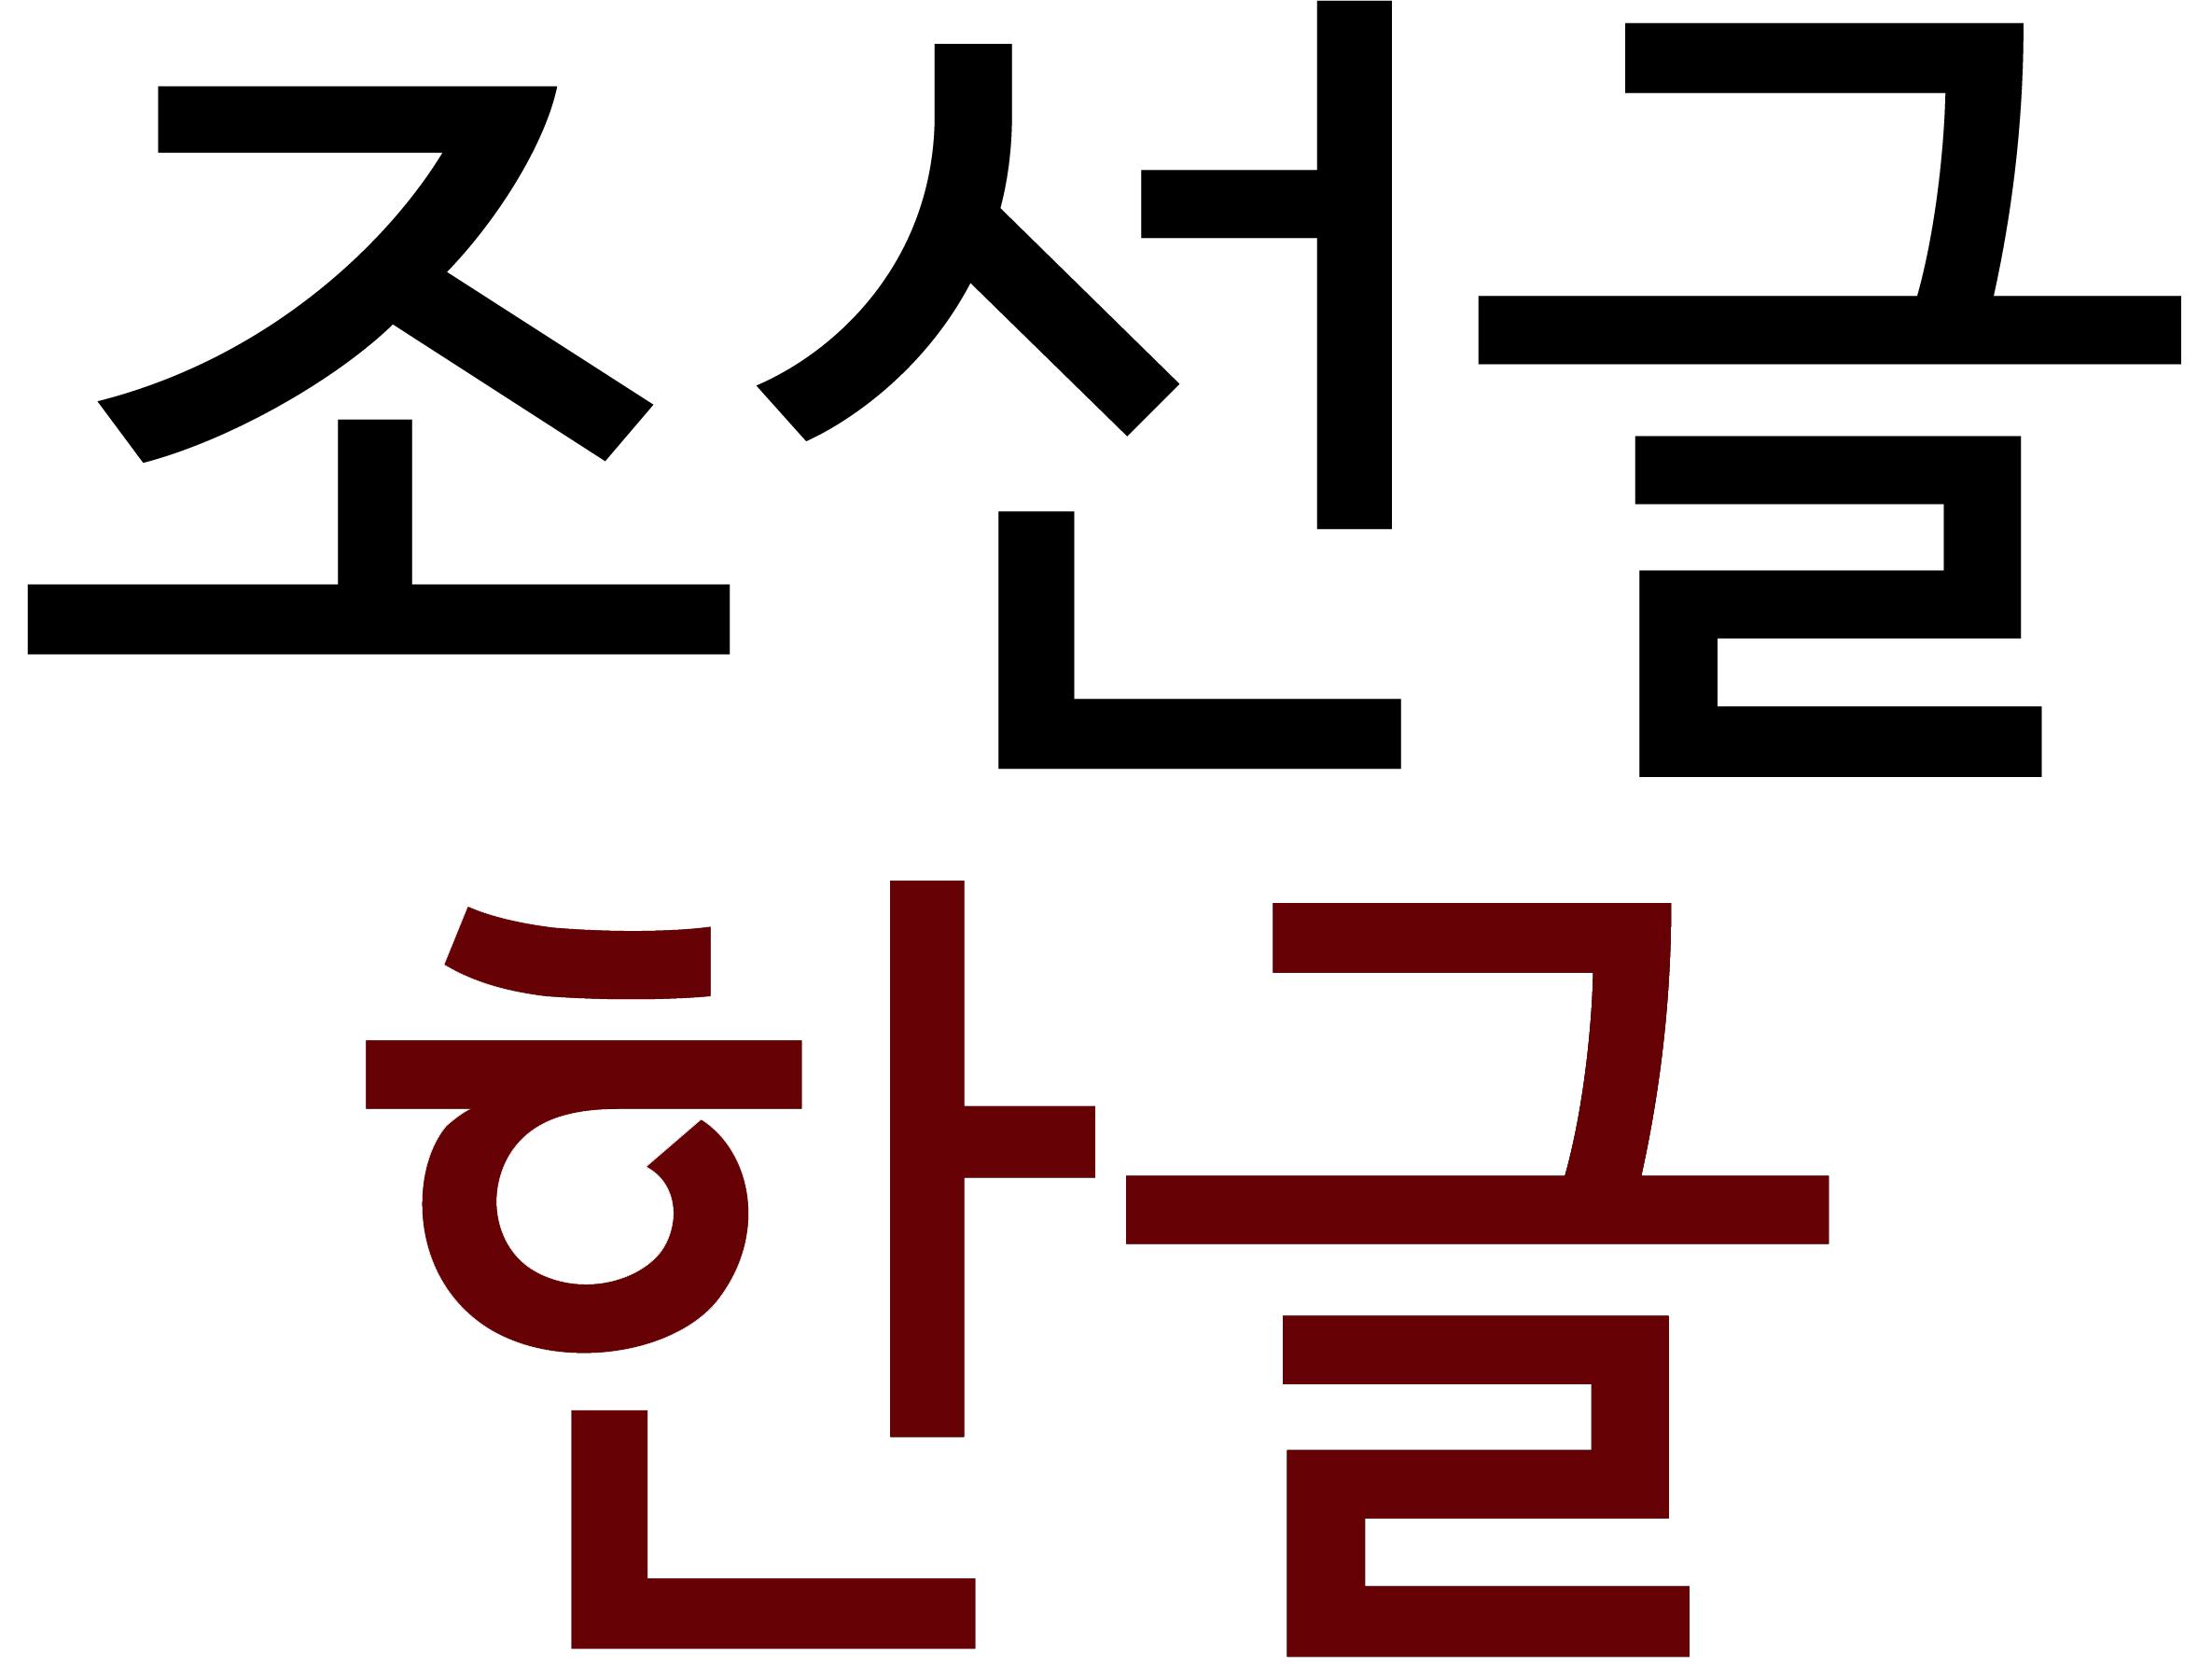 Hangul Χάνγκουλ chosongul